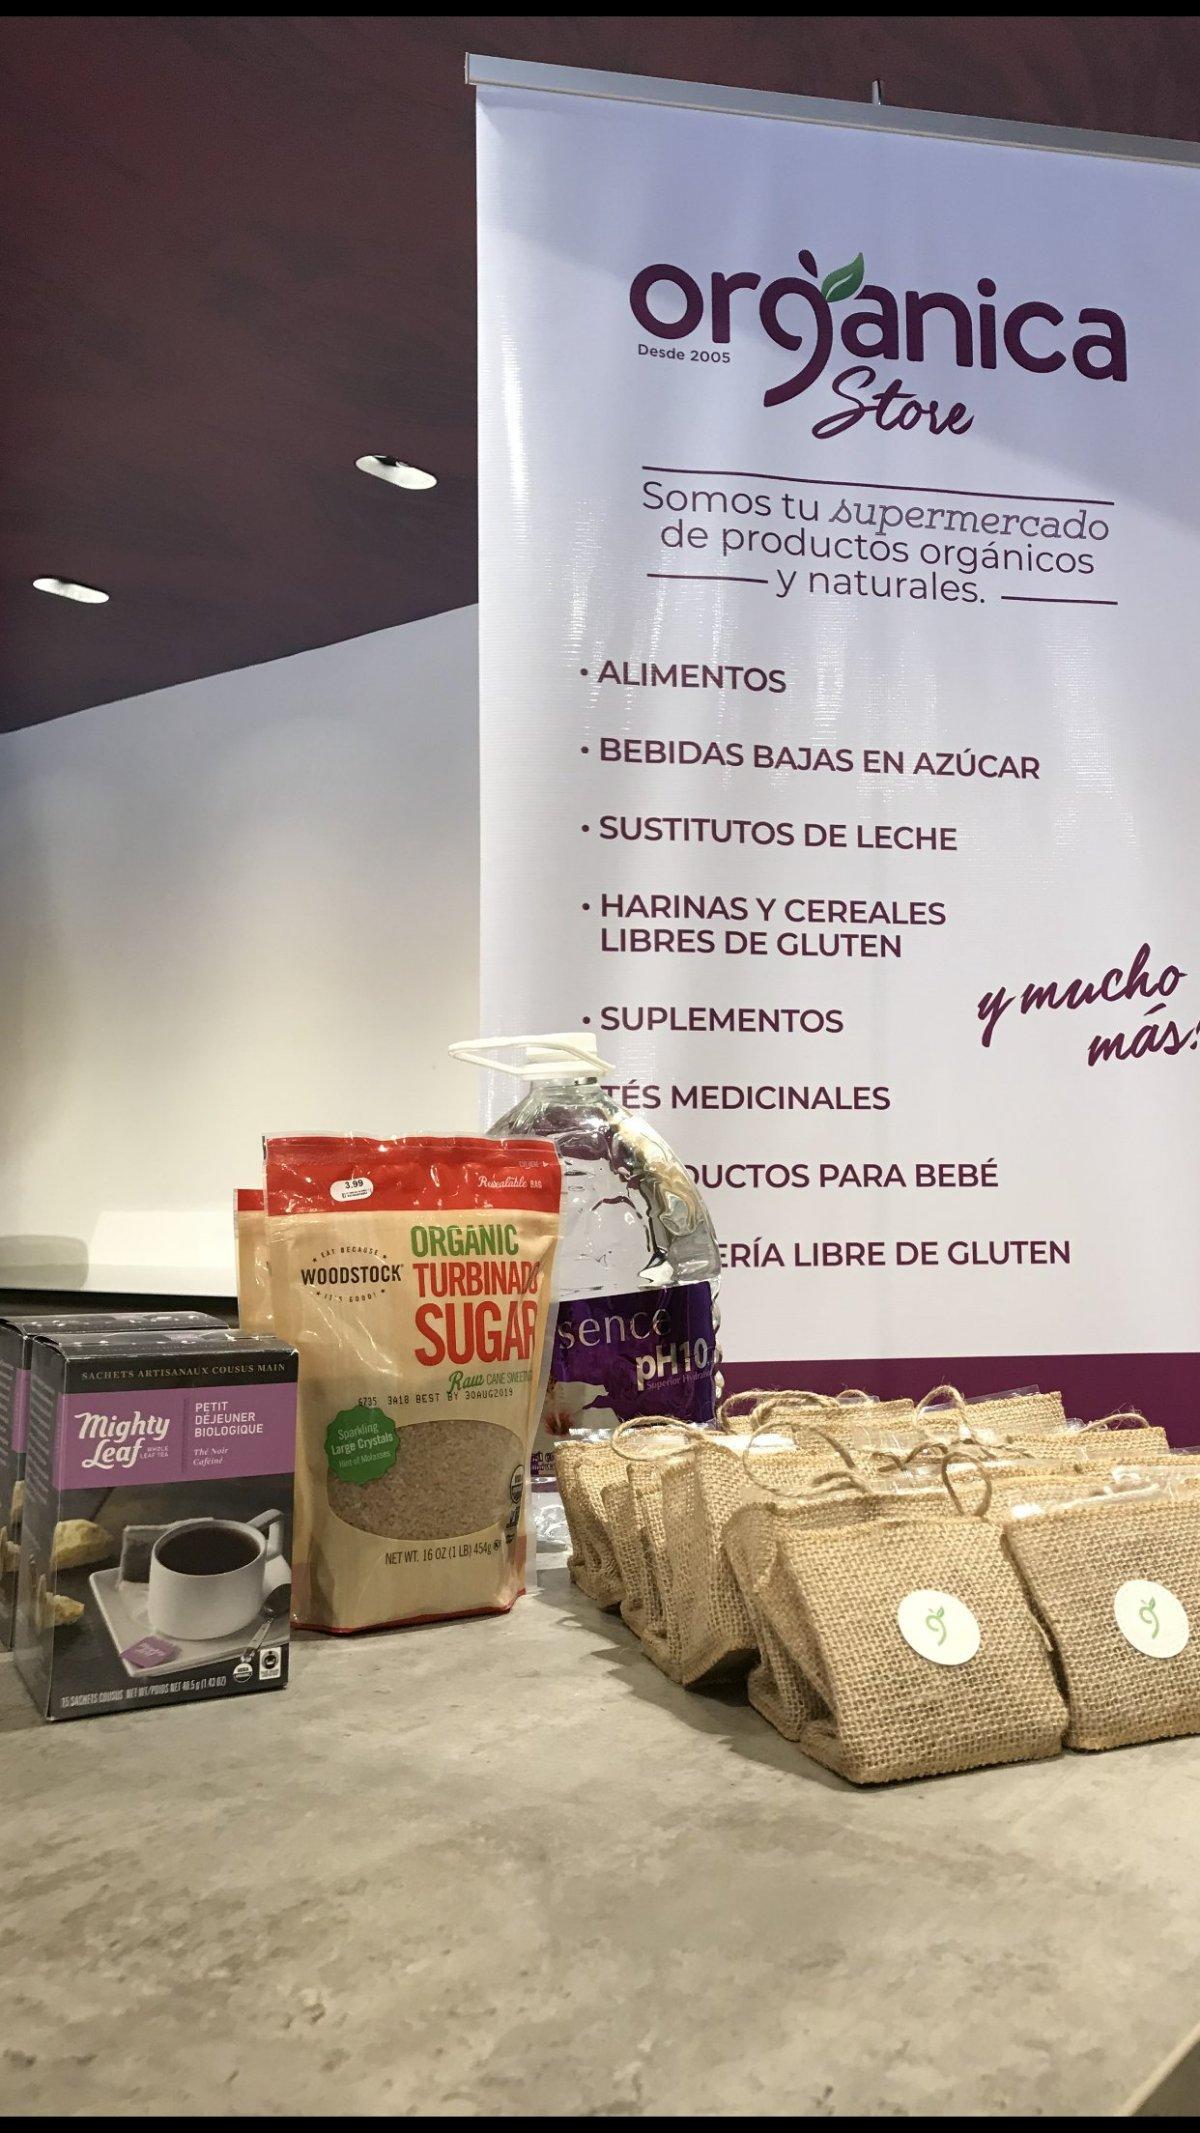 Organica Store - taller de kombucha